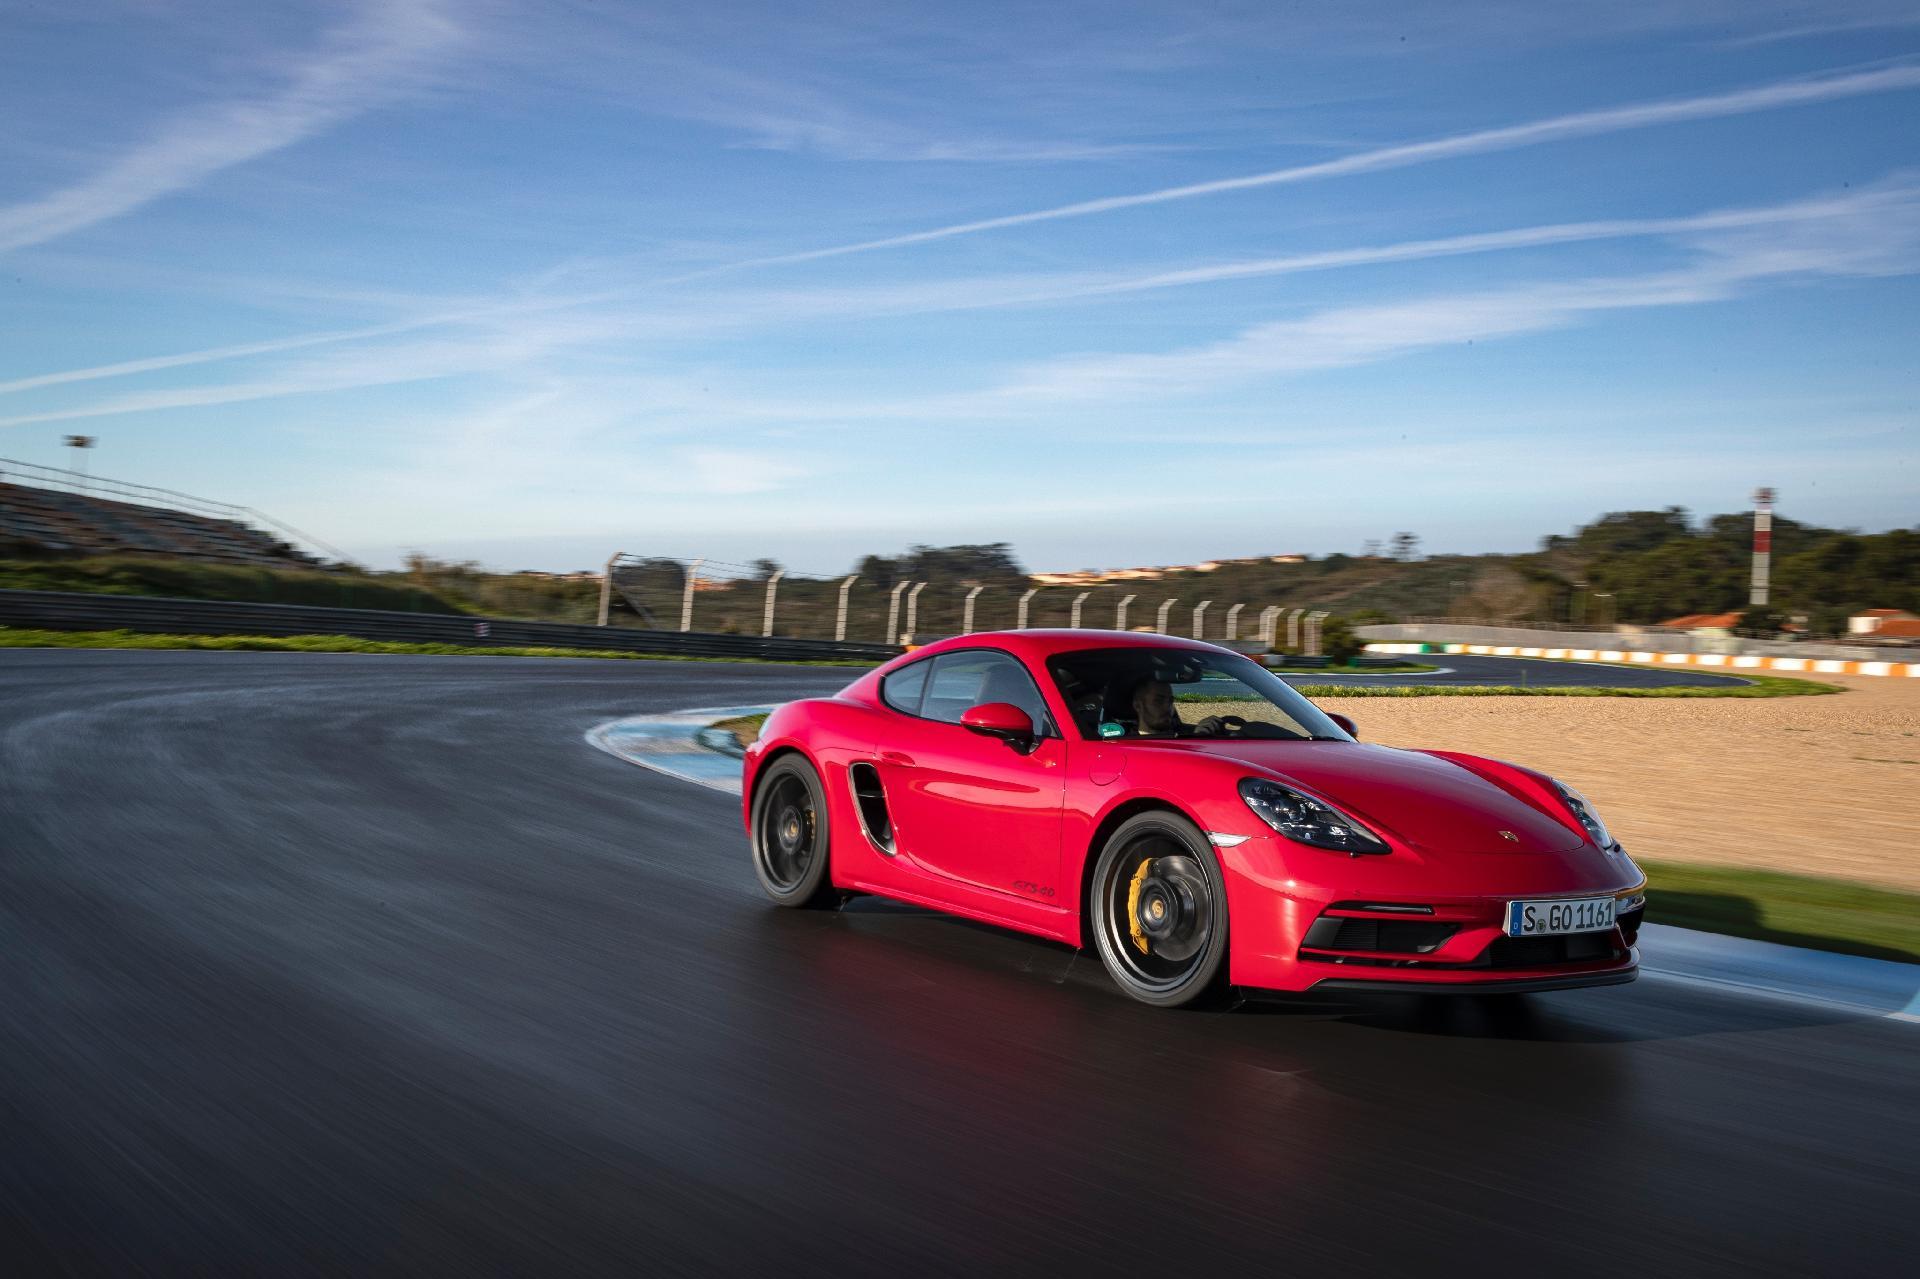 Aceleramos O Novo Porsche Cayman Gts Na Pista Da Primeira Vitoria De Senna 02 03 2020 Uol Carros